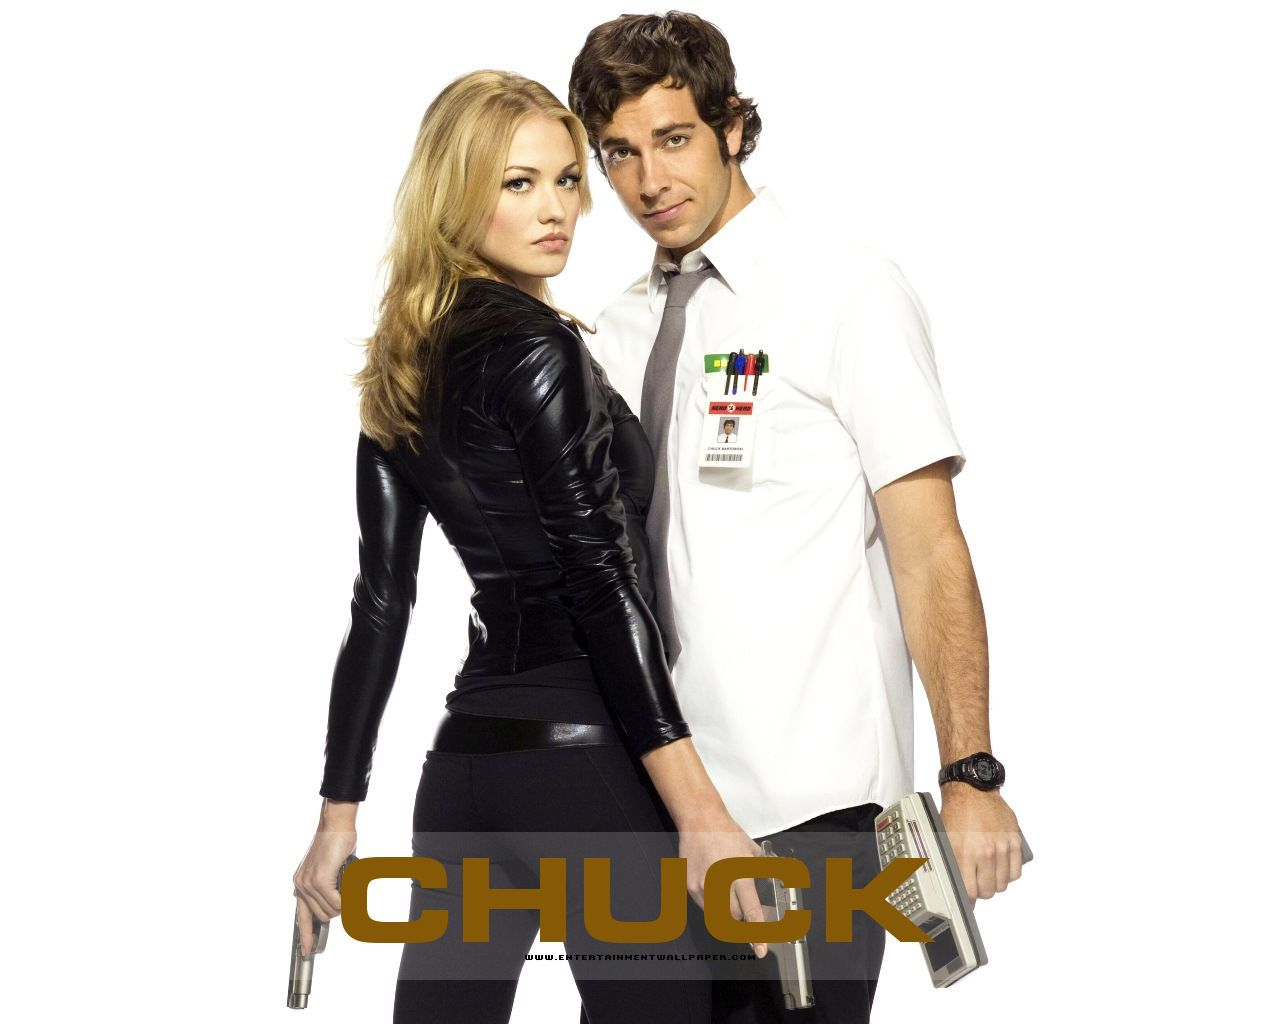 chuck bartkowski - Chuck Wallpaper (3713649) - Fanpop